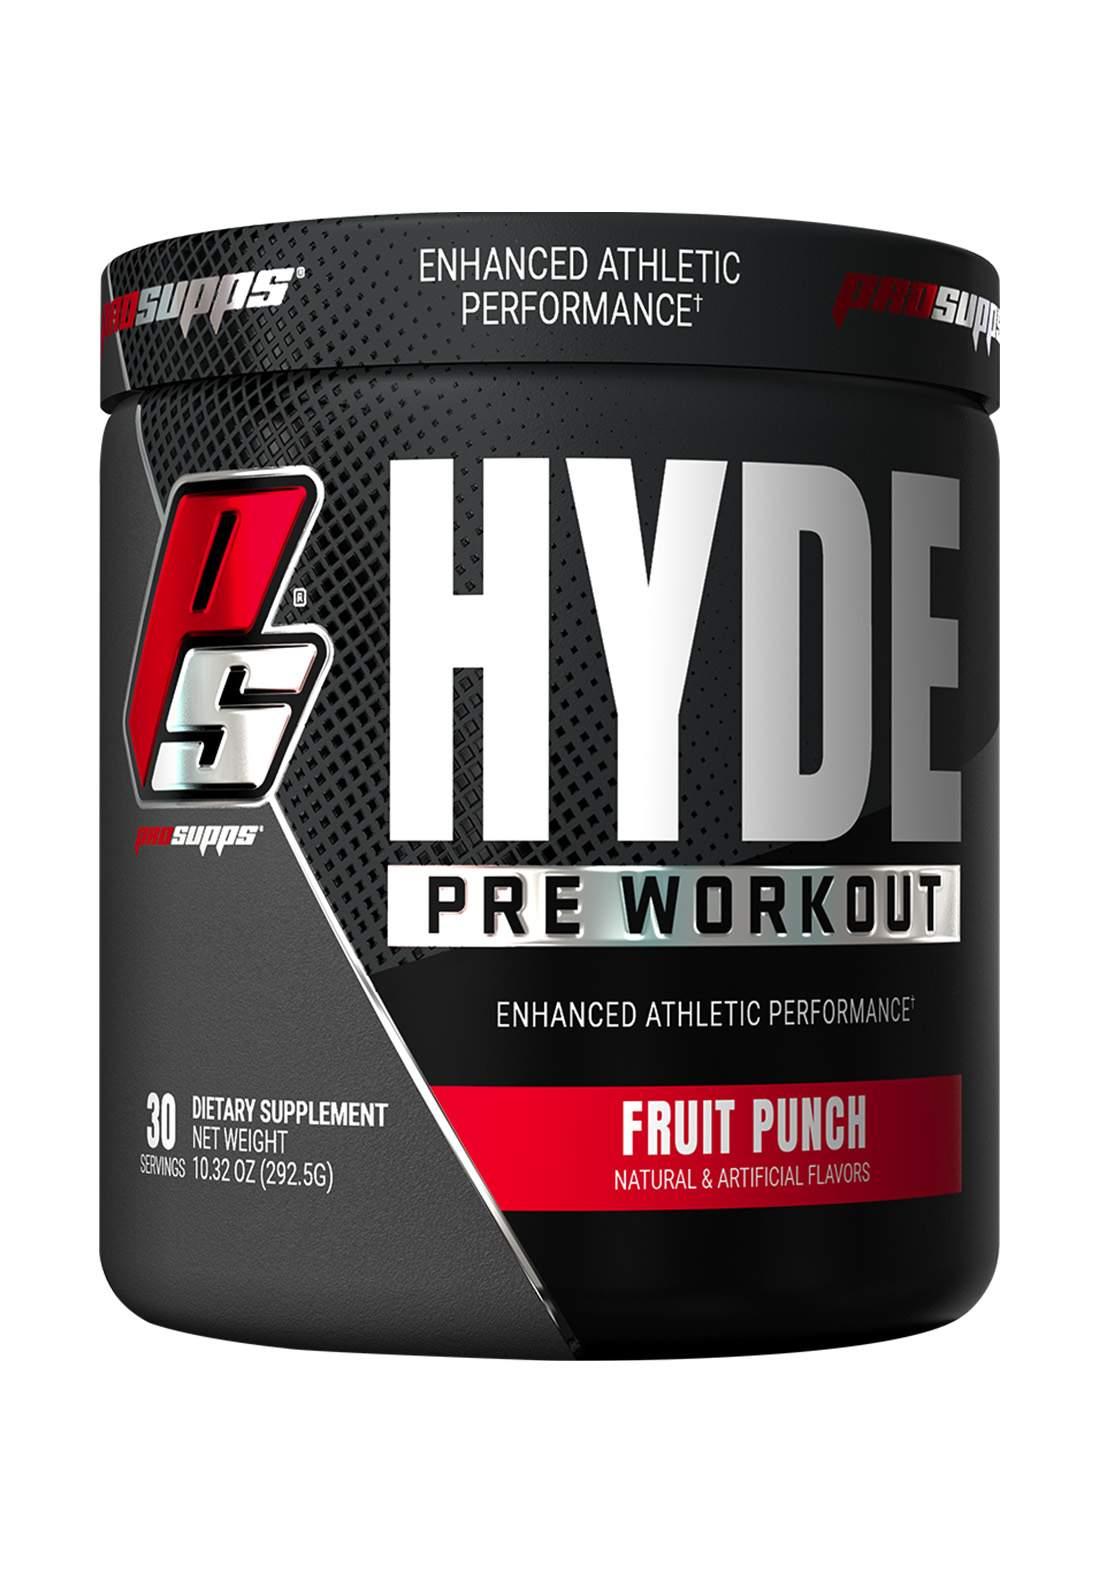 Prosupps Hyde Pre Workout 292.5gm مسحوق مشروب الطاقة